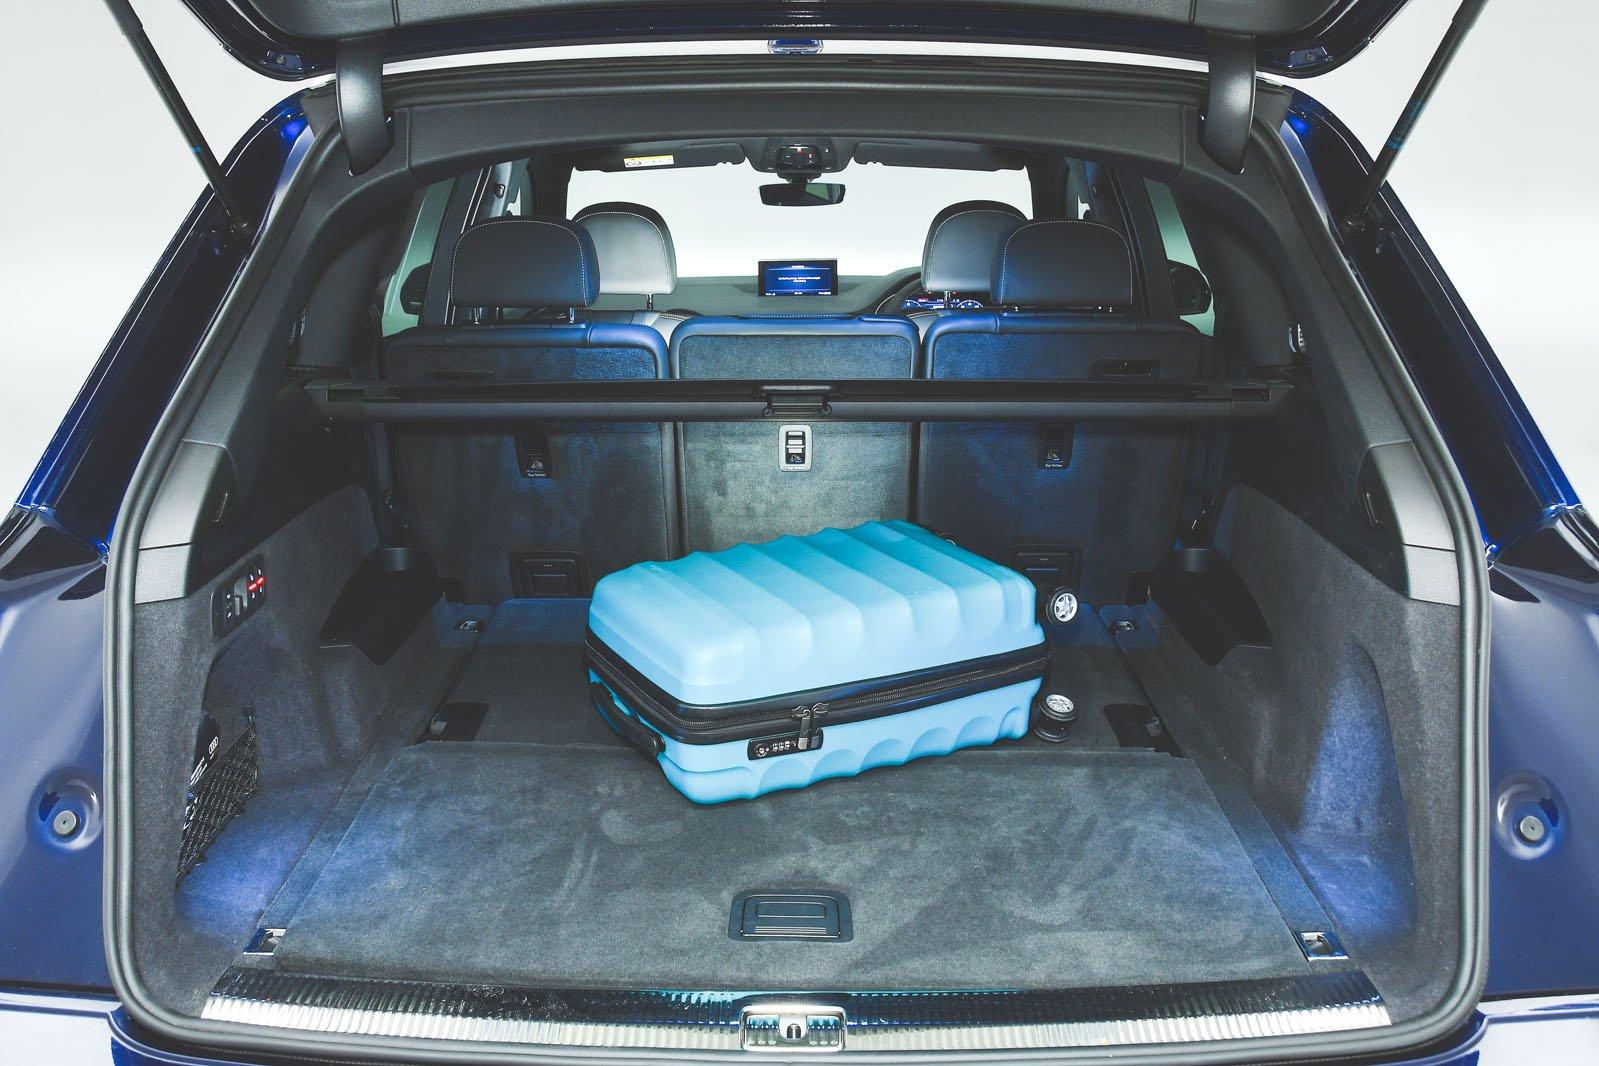 Audi Q7 boot